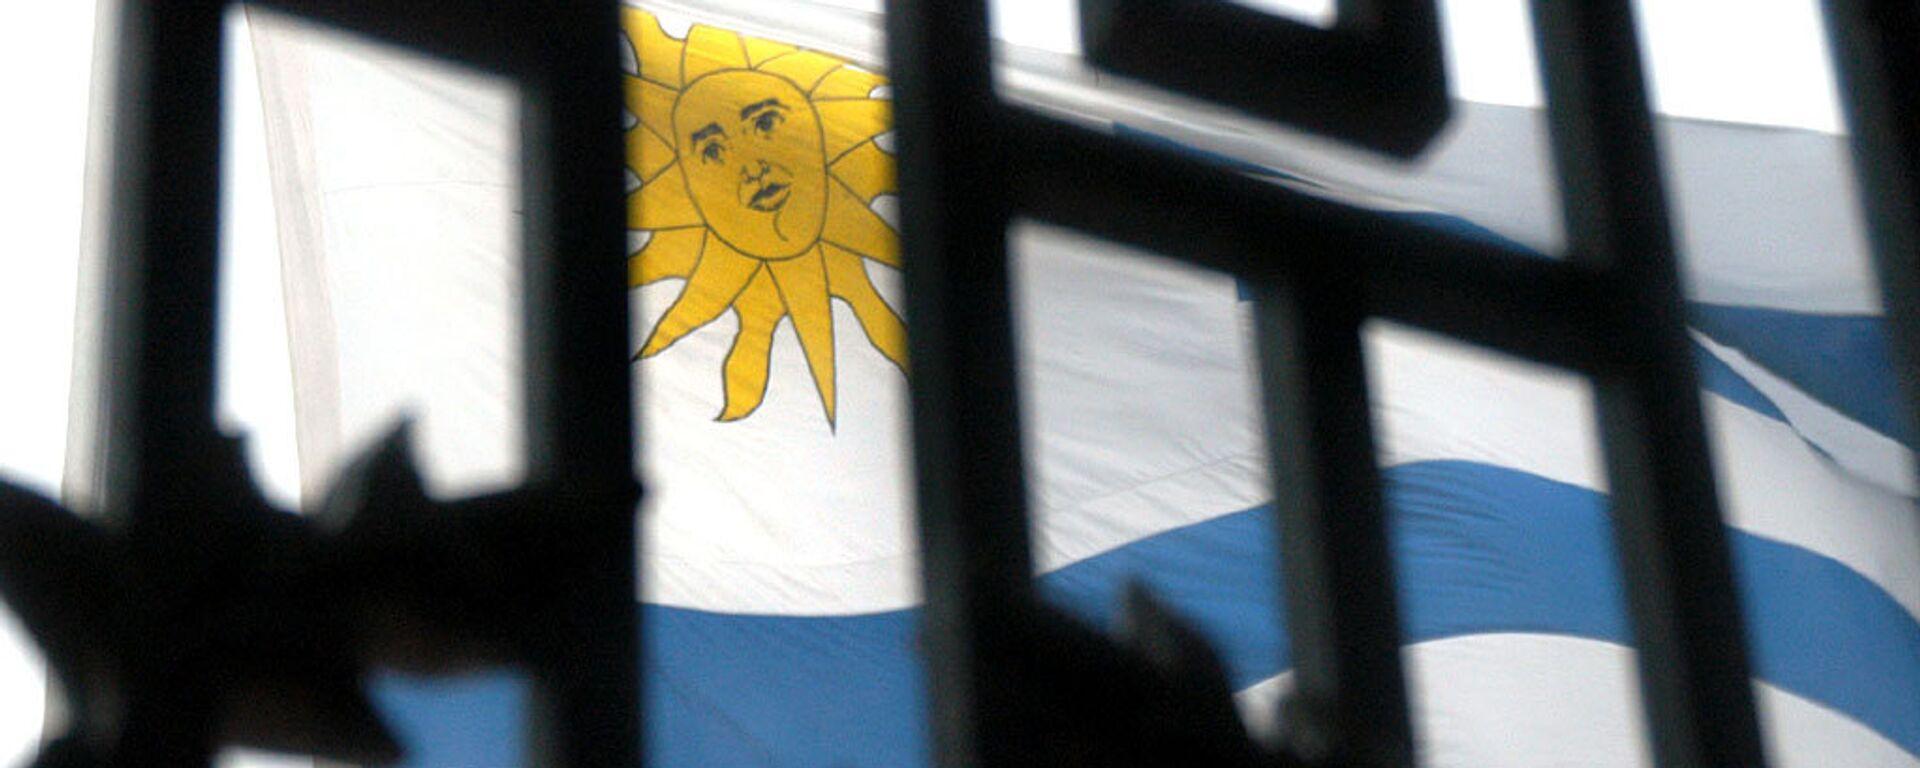 La bandera de Uruguay - Sputnik Mundo, 1920, 05.10.2021